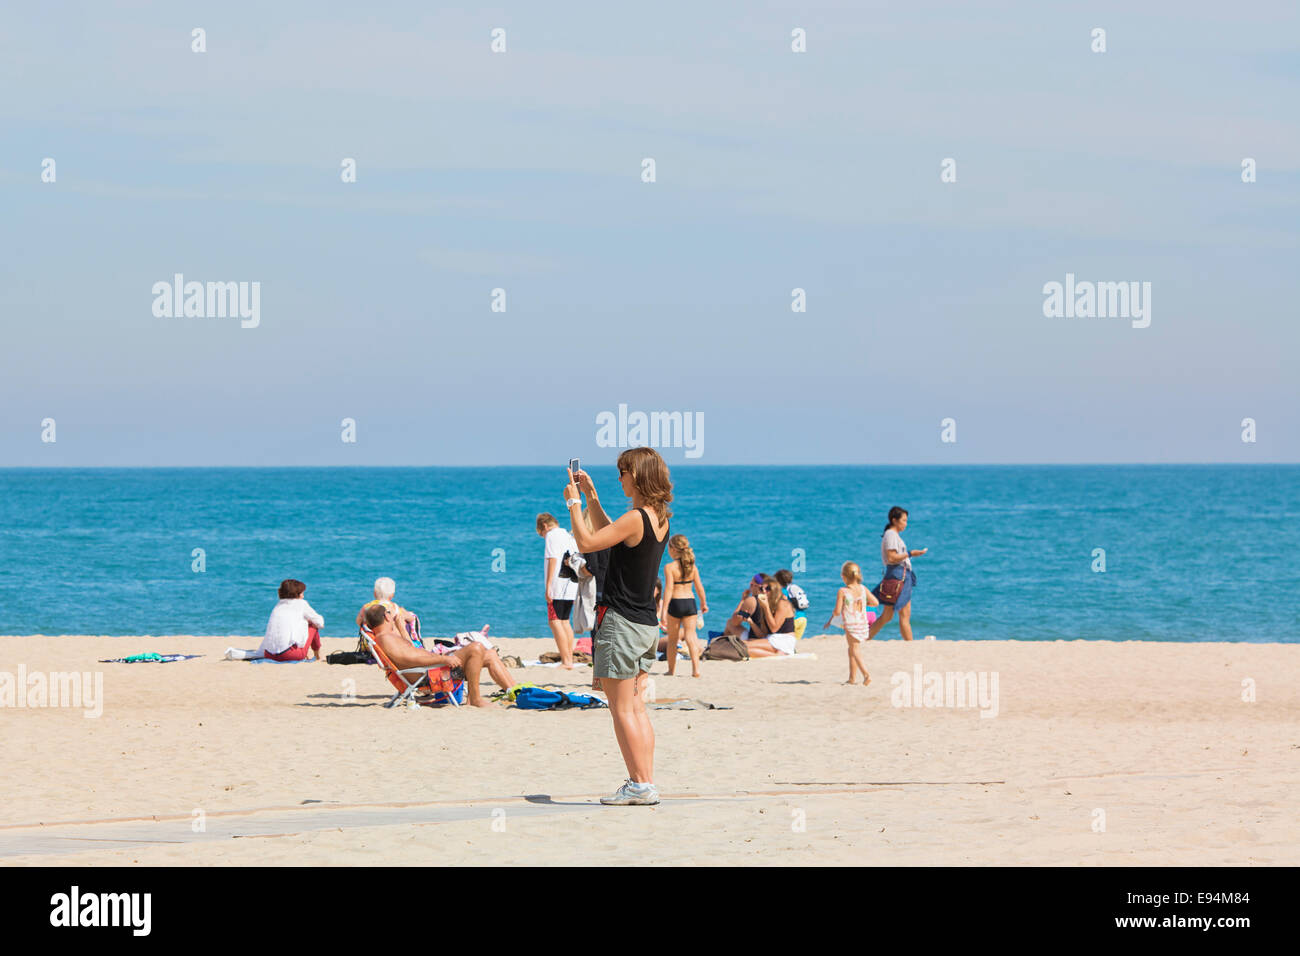 Donna sulla spiaggia con il telefono cellulare e scattare foto Immagini Stock